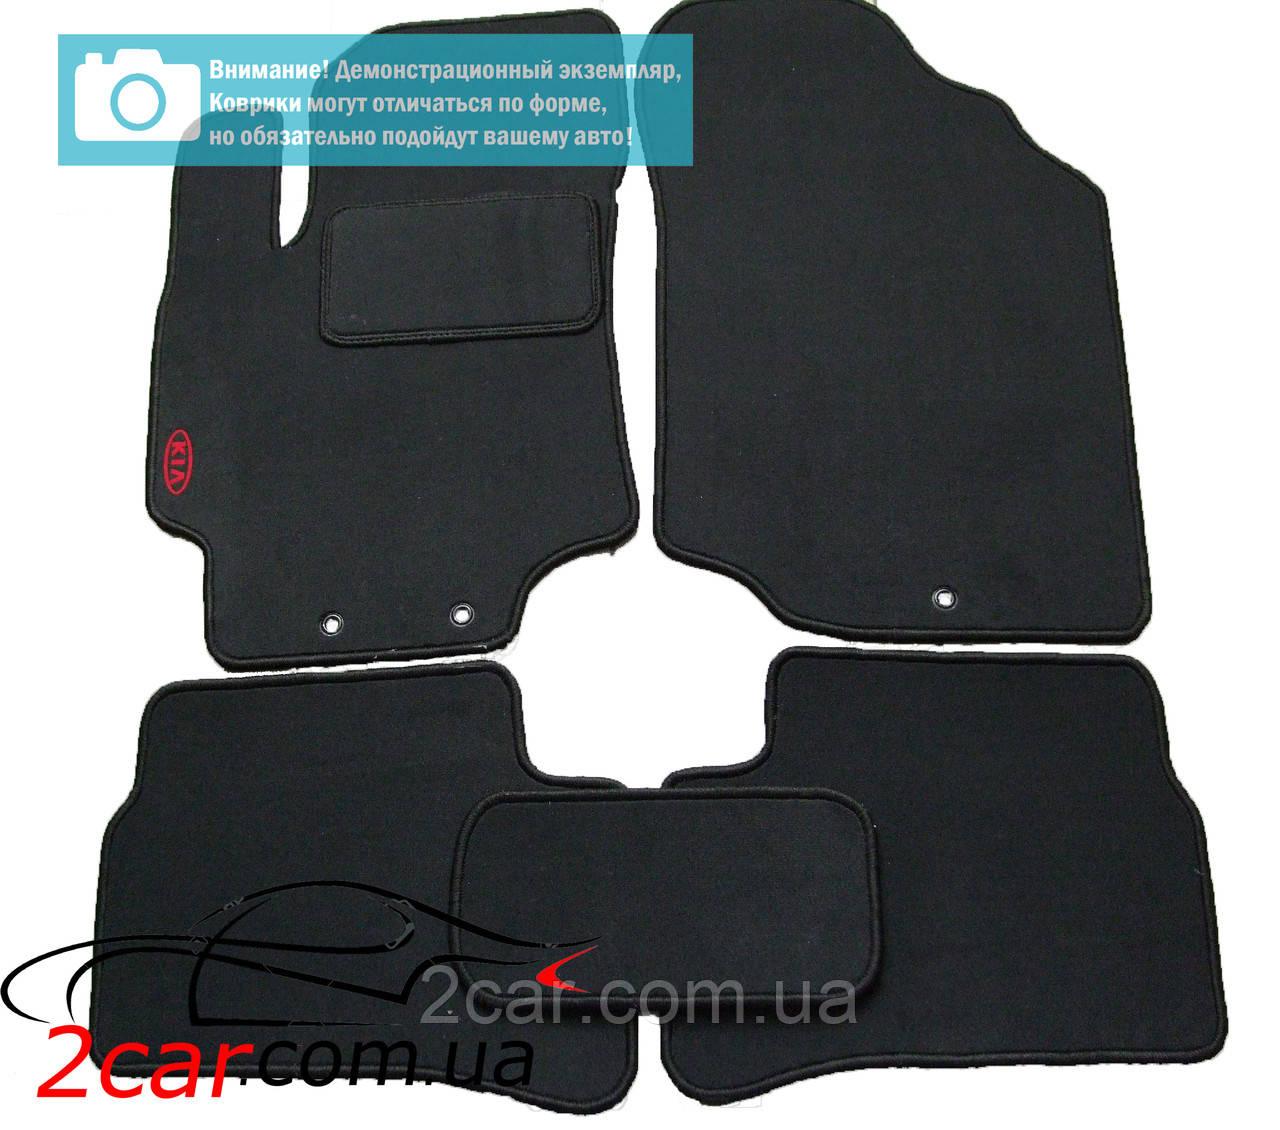 Текстильные коврики в салон для ВАЗ 2104 (чёрный) (StingrayUA)